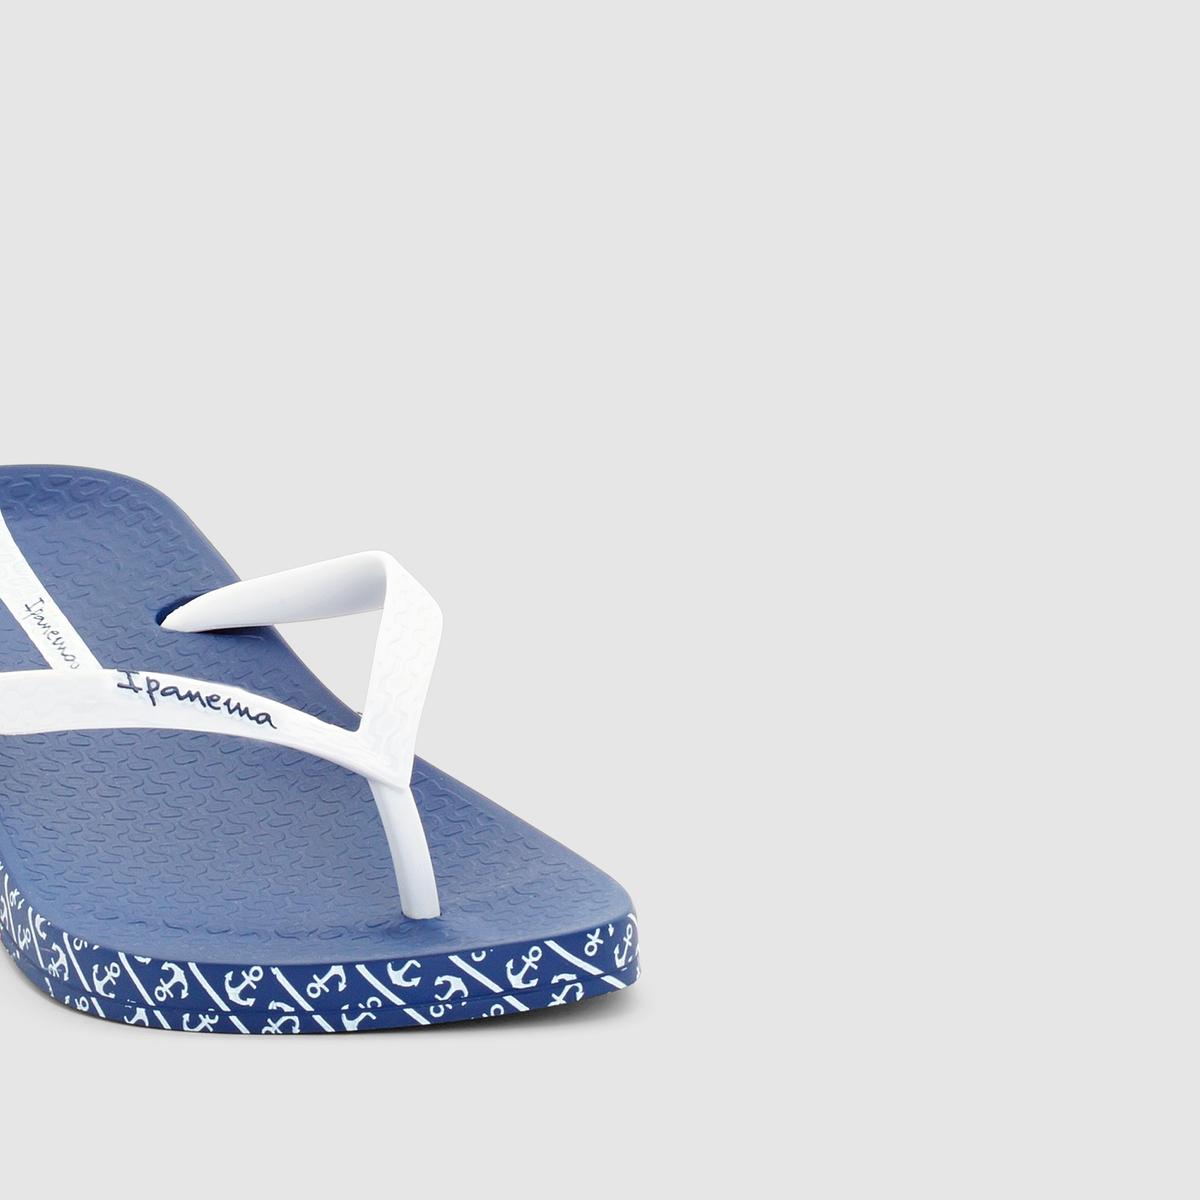 Вьетнамки Anatomic Soft FemВерх/Голенище : каучук   Стелька : каучук   Подошва : каучук   Форма каблука : плоский каблук   Мысок : открытый мысок   Застежка : без застежки<br><br>Цвет: синий/ белый<br>Размер: 41/42